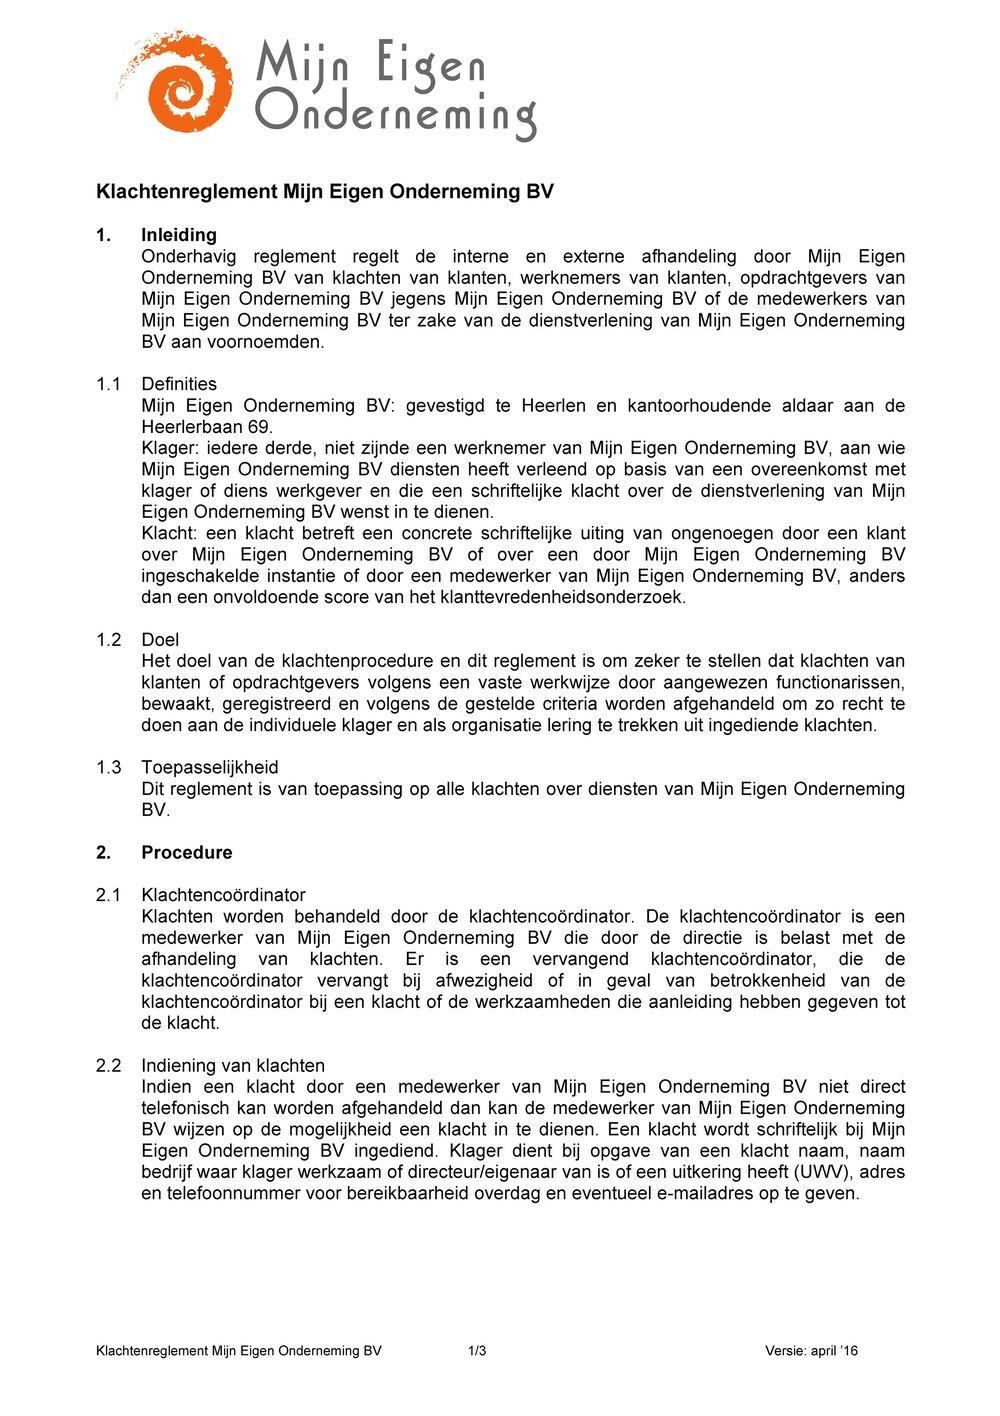 MEO Klachtenreglement_Pagina_1.jpg